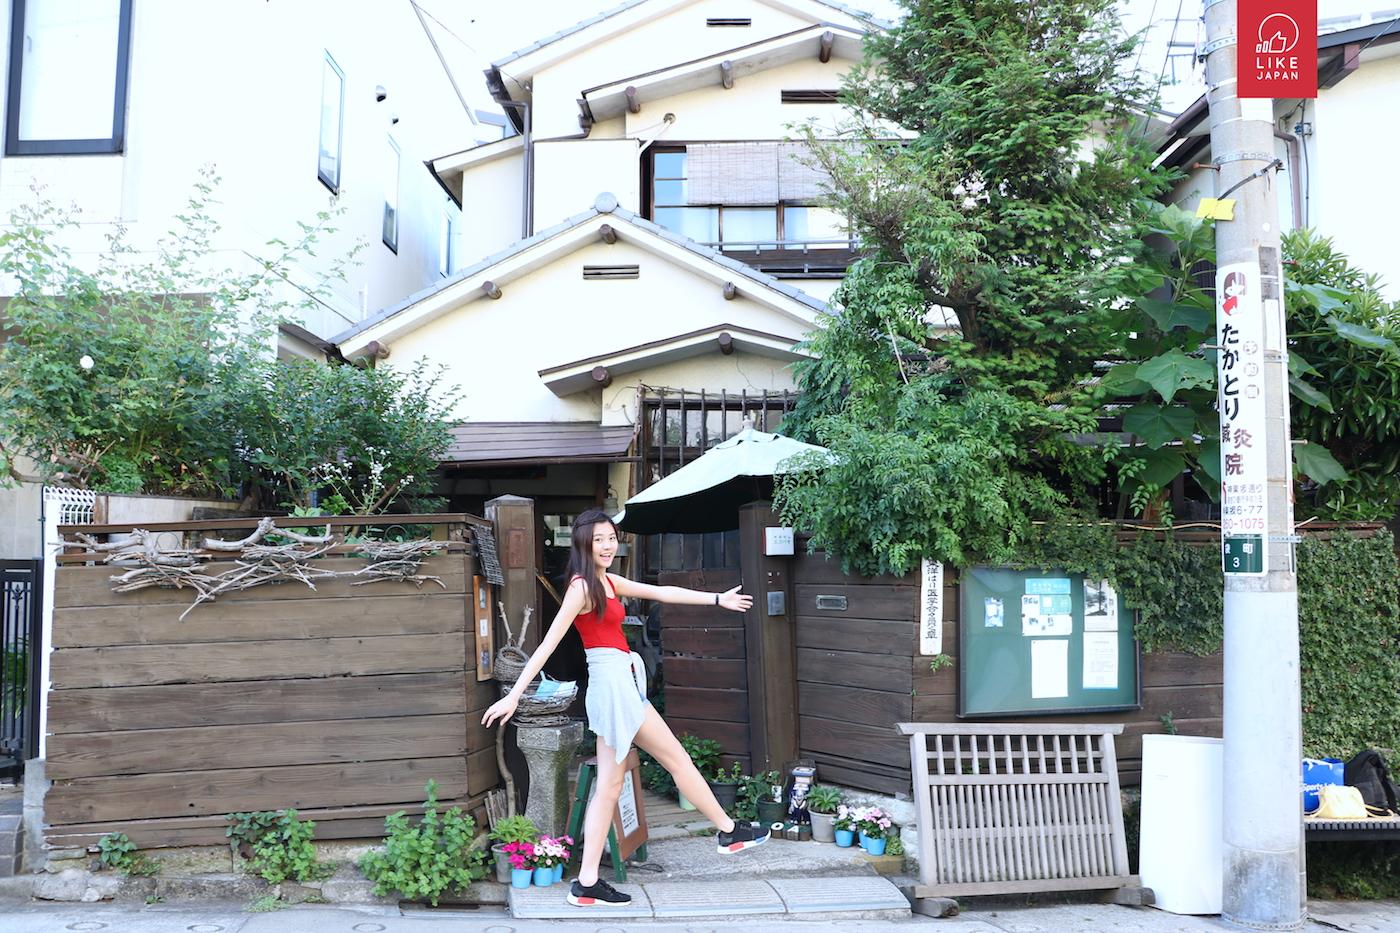 【東京】行到攰之浸一浸足湯先~